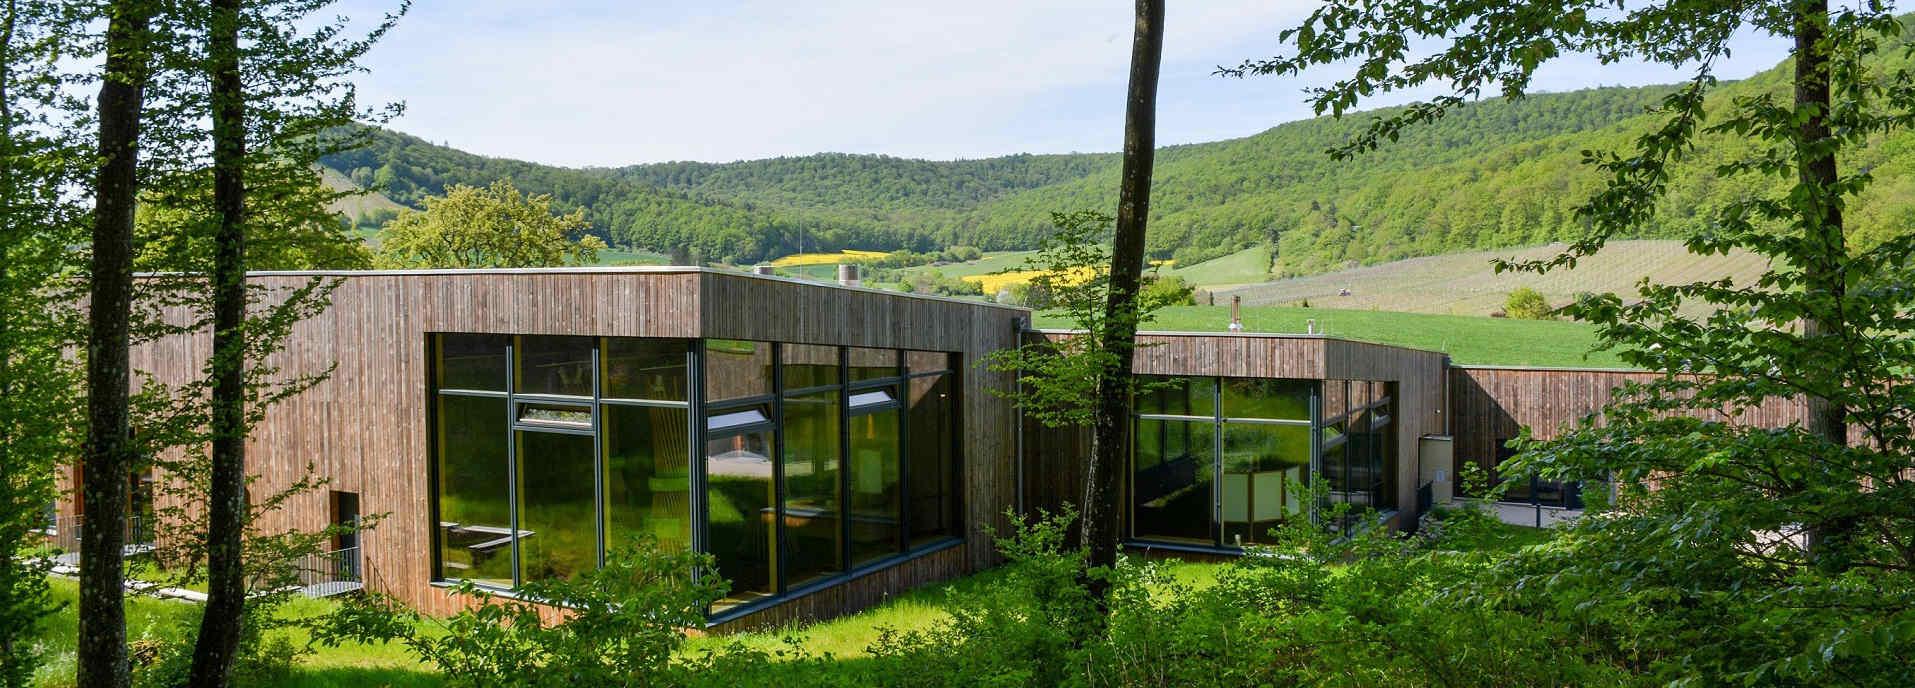 Steigerwald-Zentrum_Wald-1-Titel-Web-Startseite